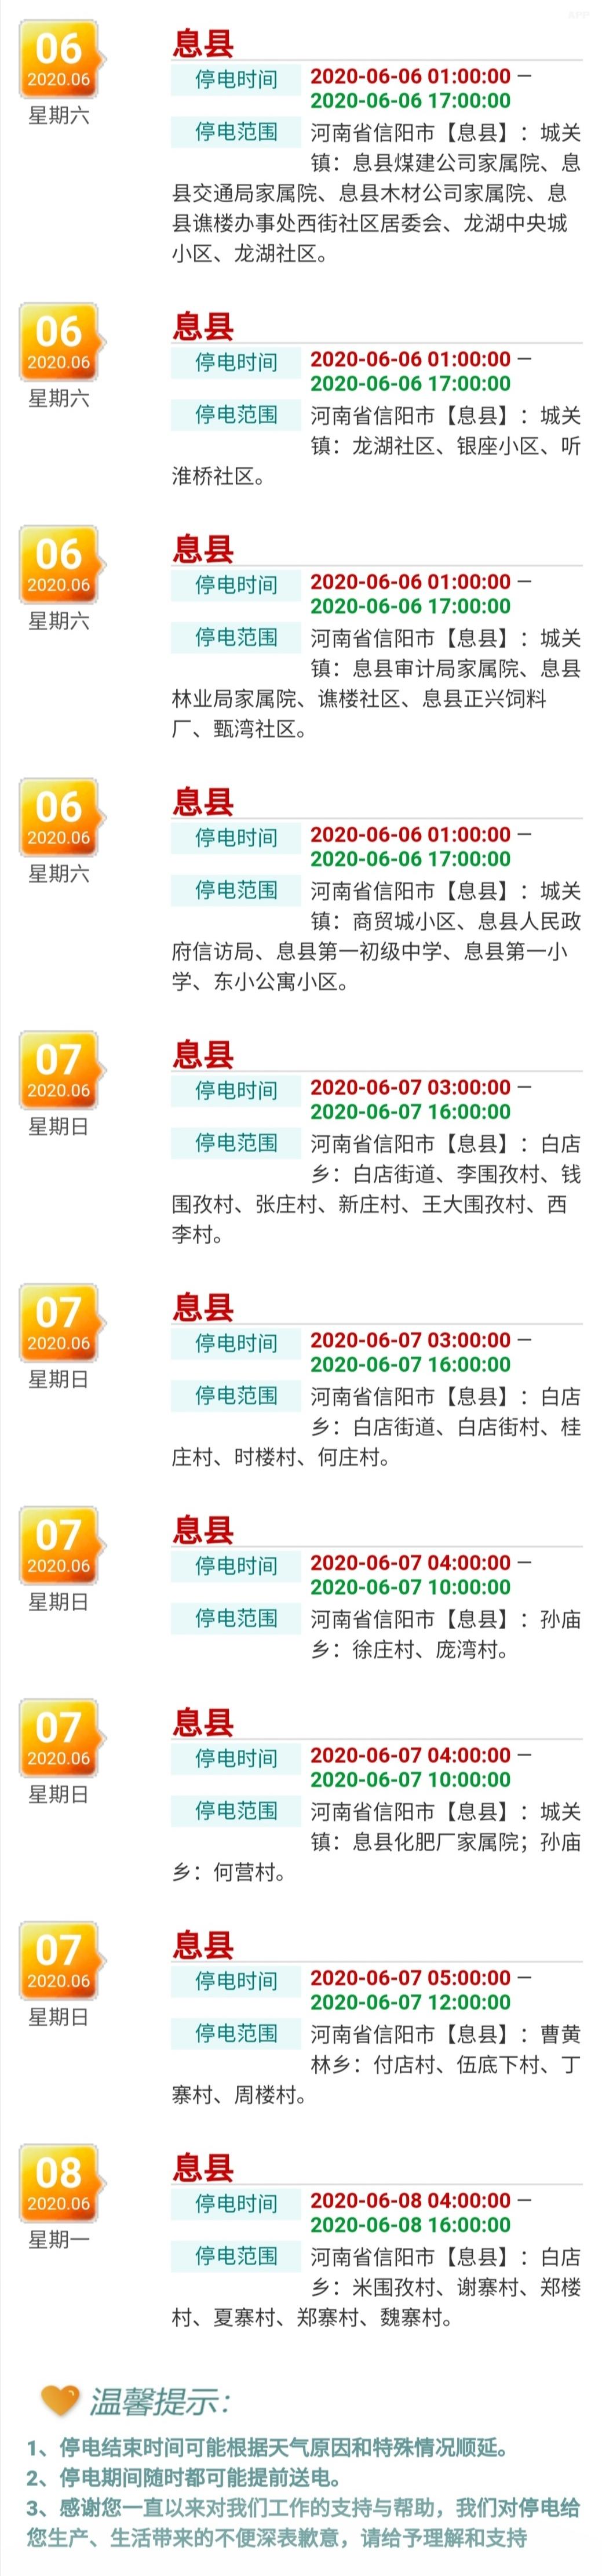 息县6月3日~7日全县停电通知